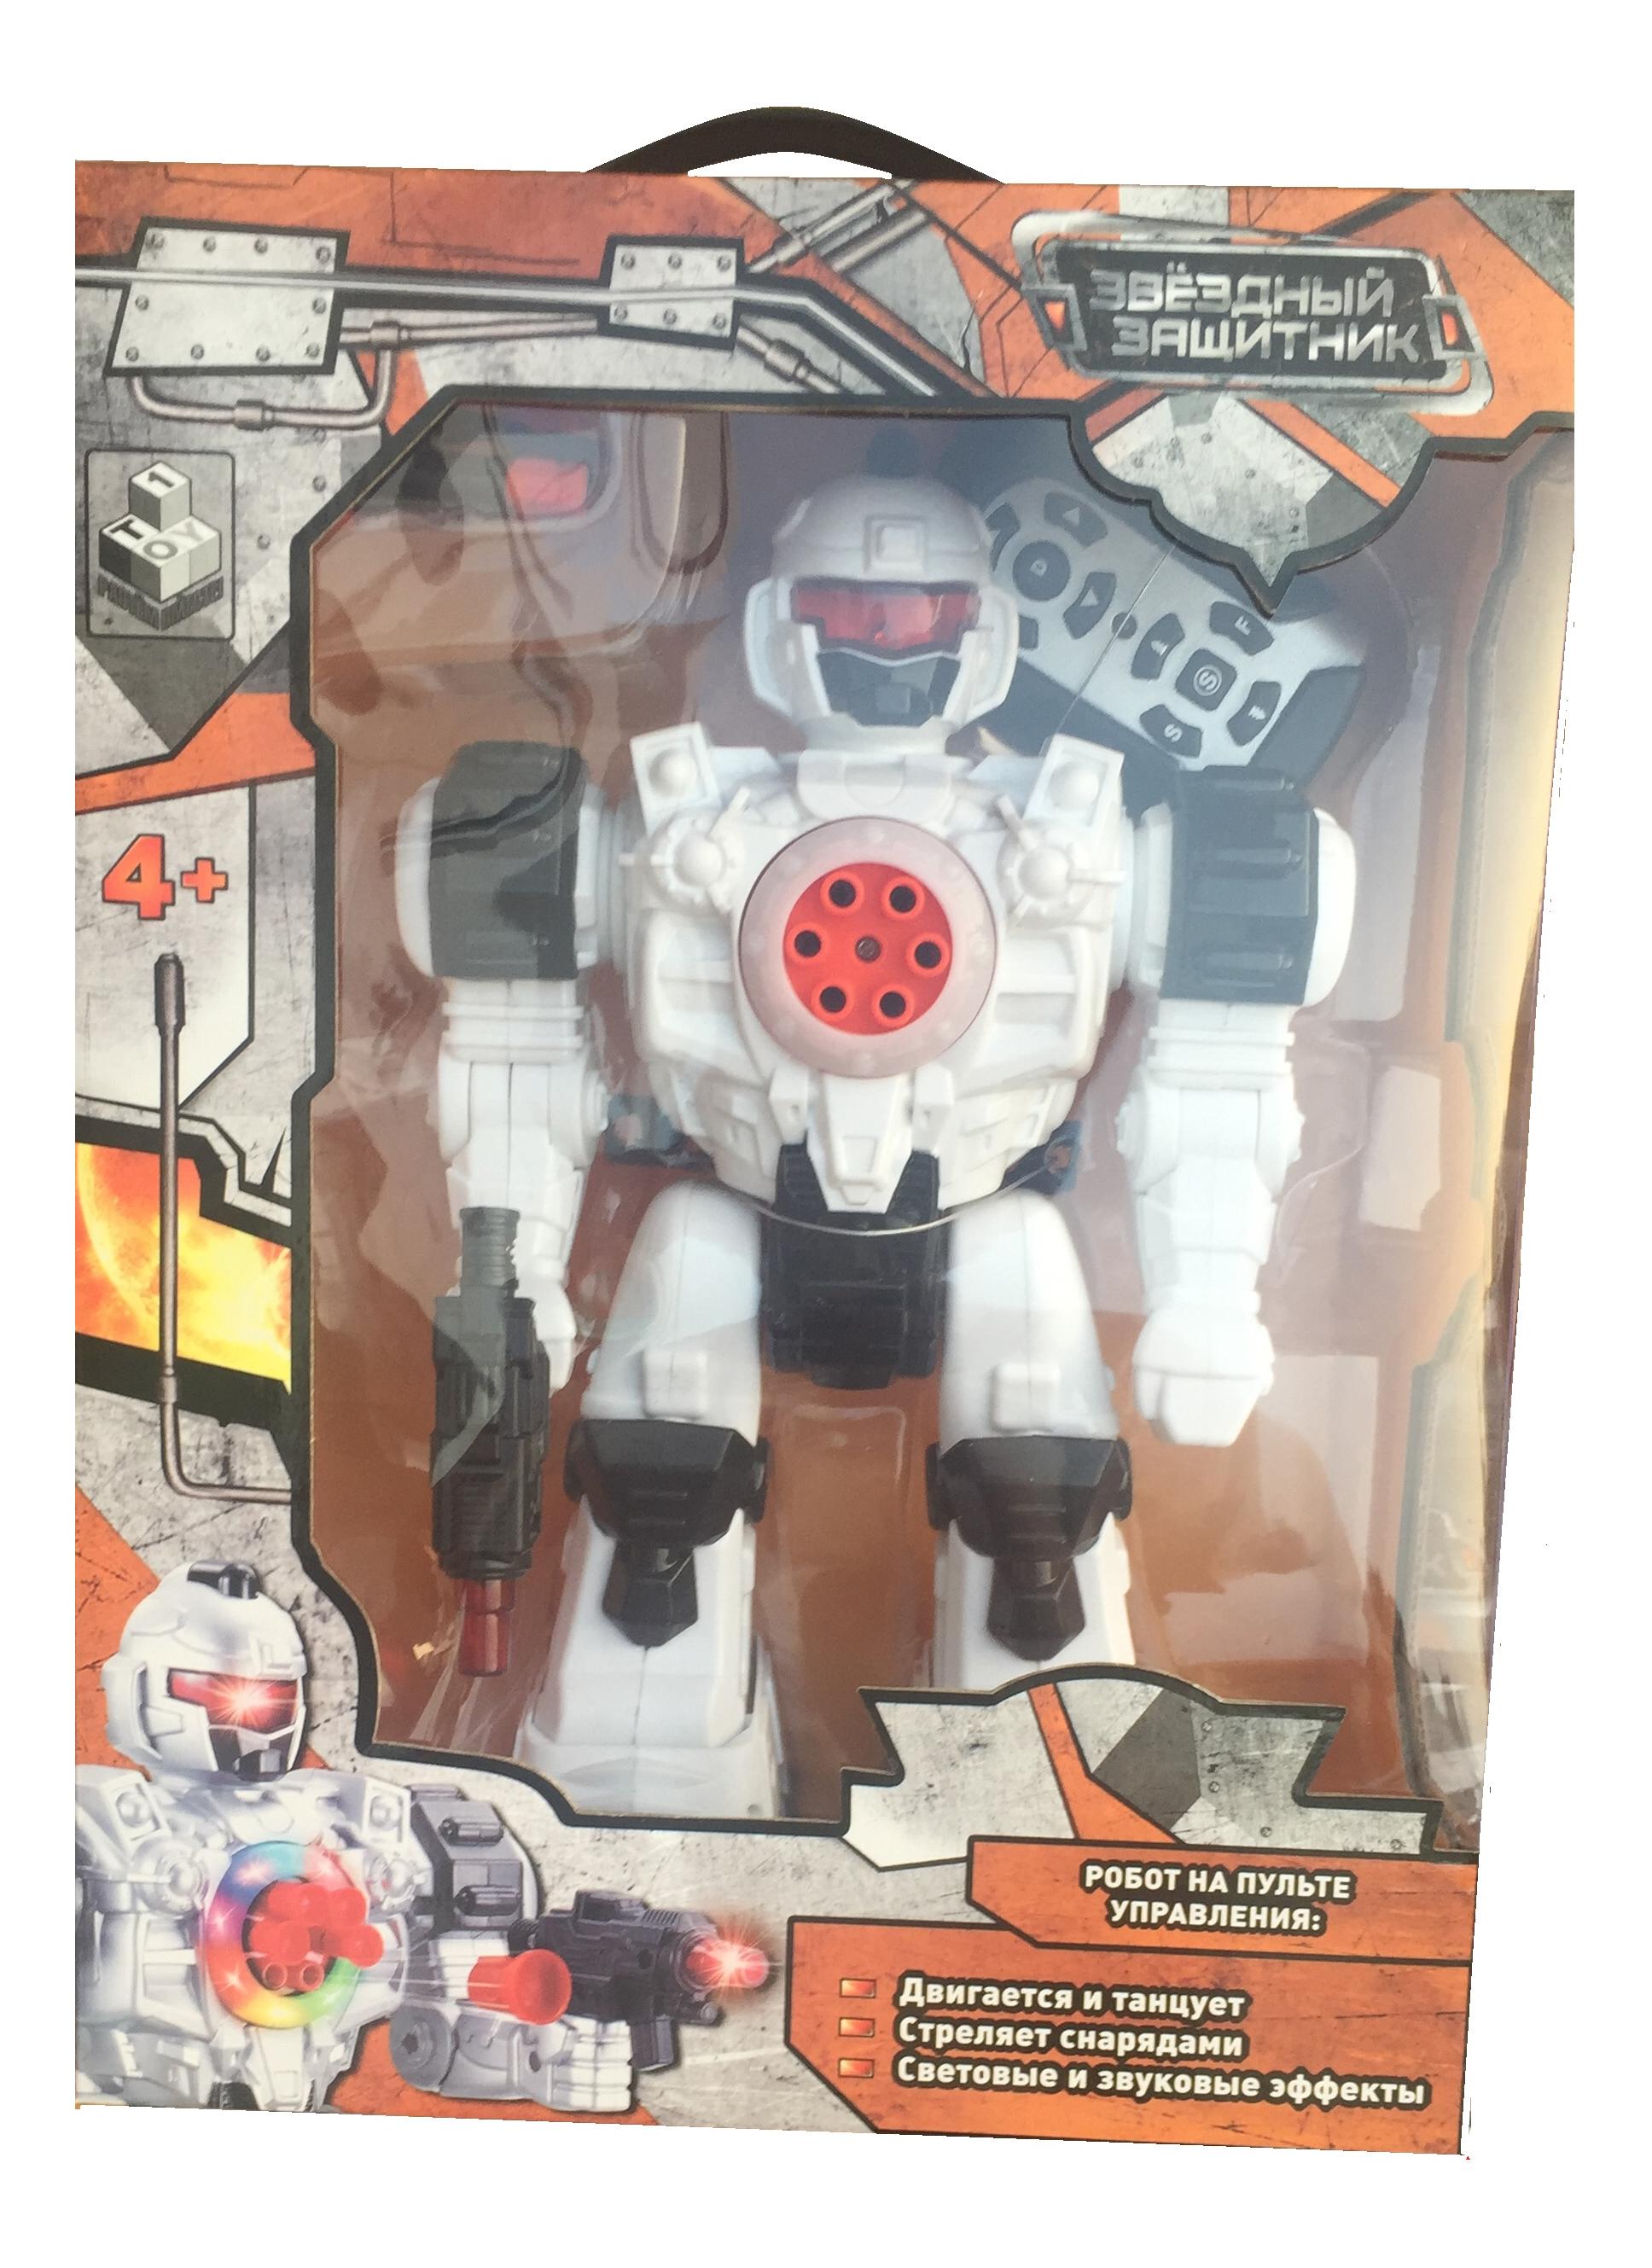 Купить Радиоуправляемый робот 1TOY Звездный защитник, 1 TOY, Радиоуправляемые роботы